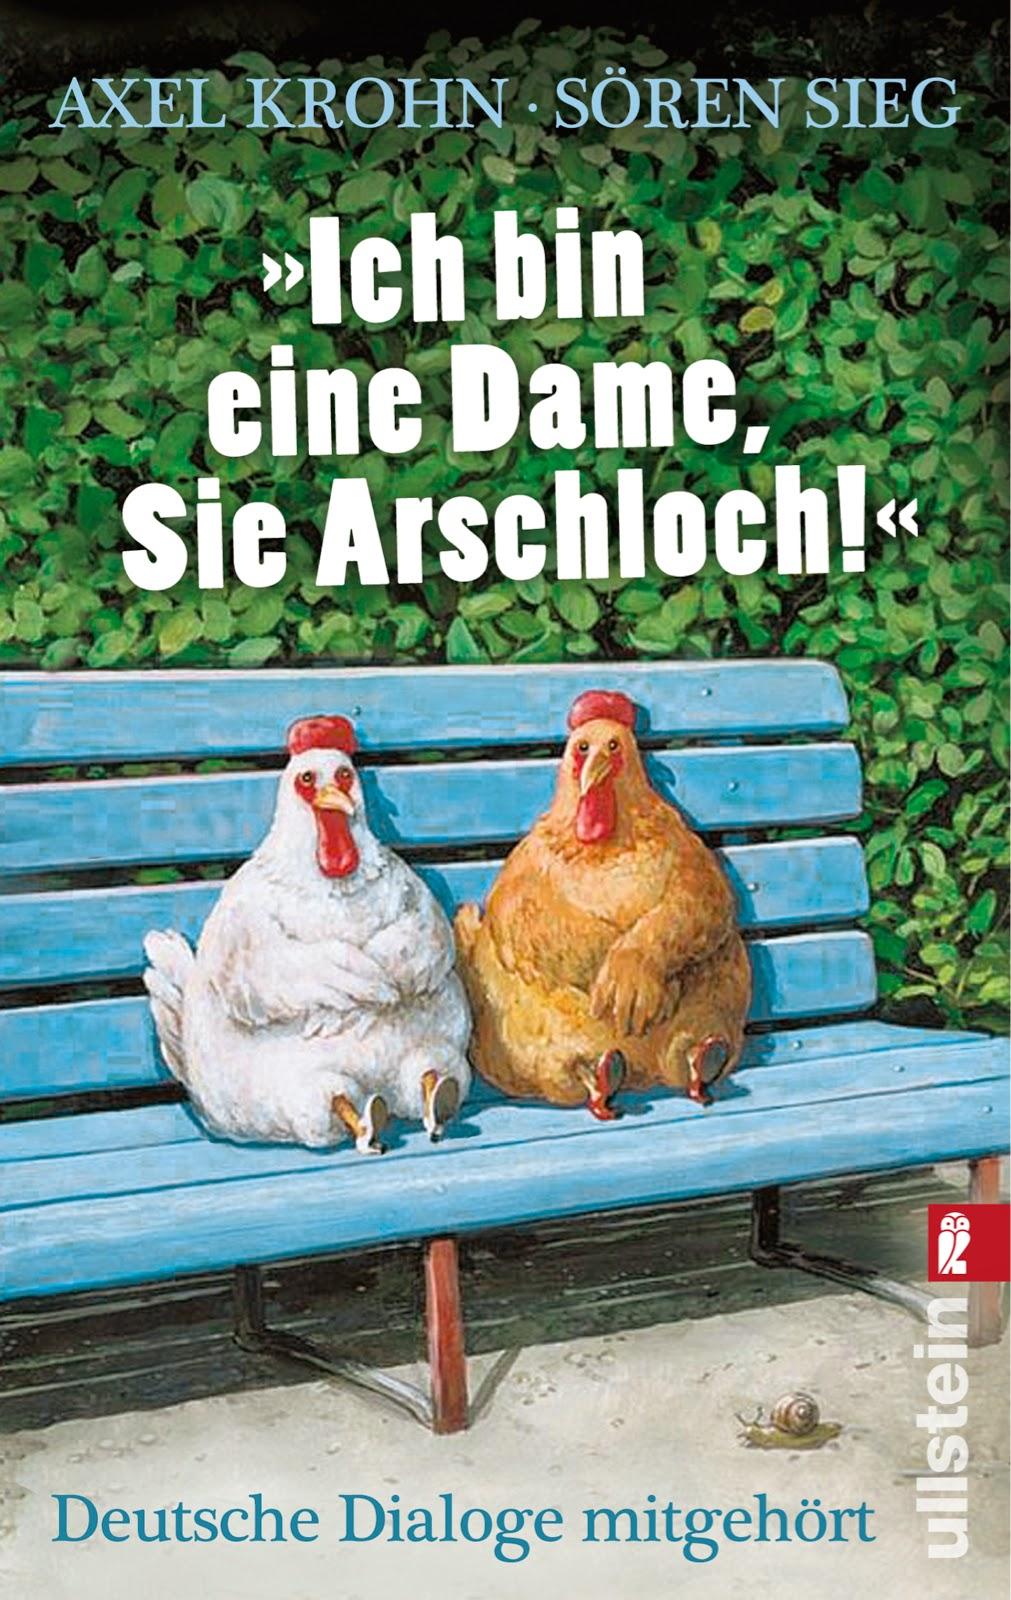 http://www.ullsteinbuchverlage.de/nc/buch/details/ich-bin-eine-dame-sie-arschloch-9783548374567.html